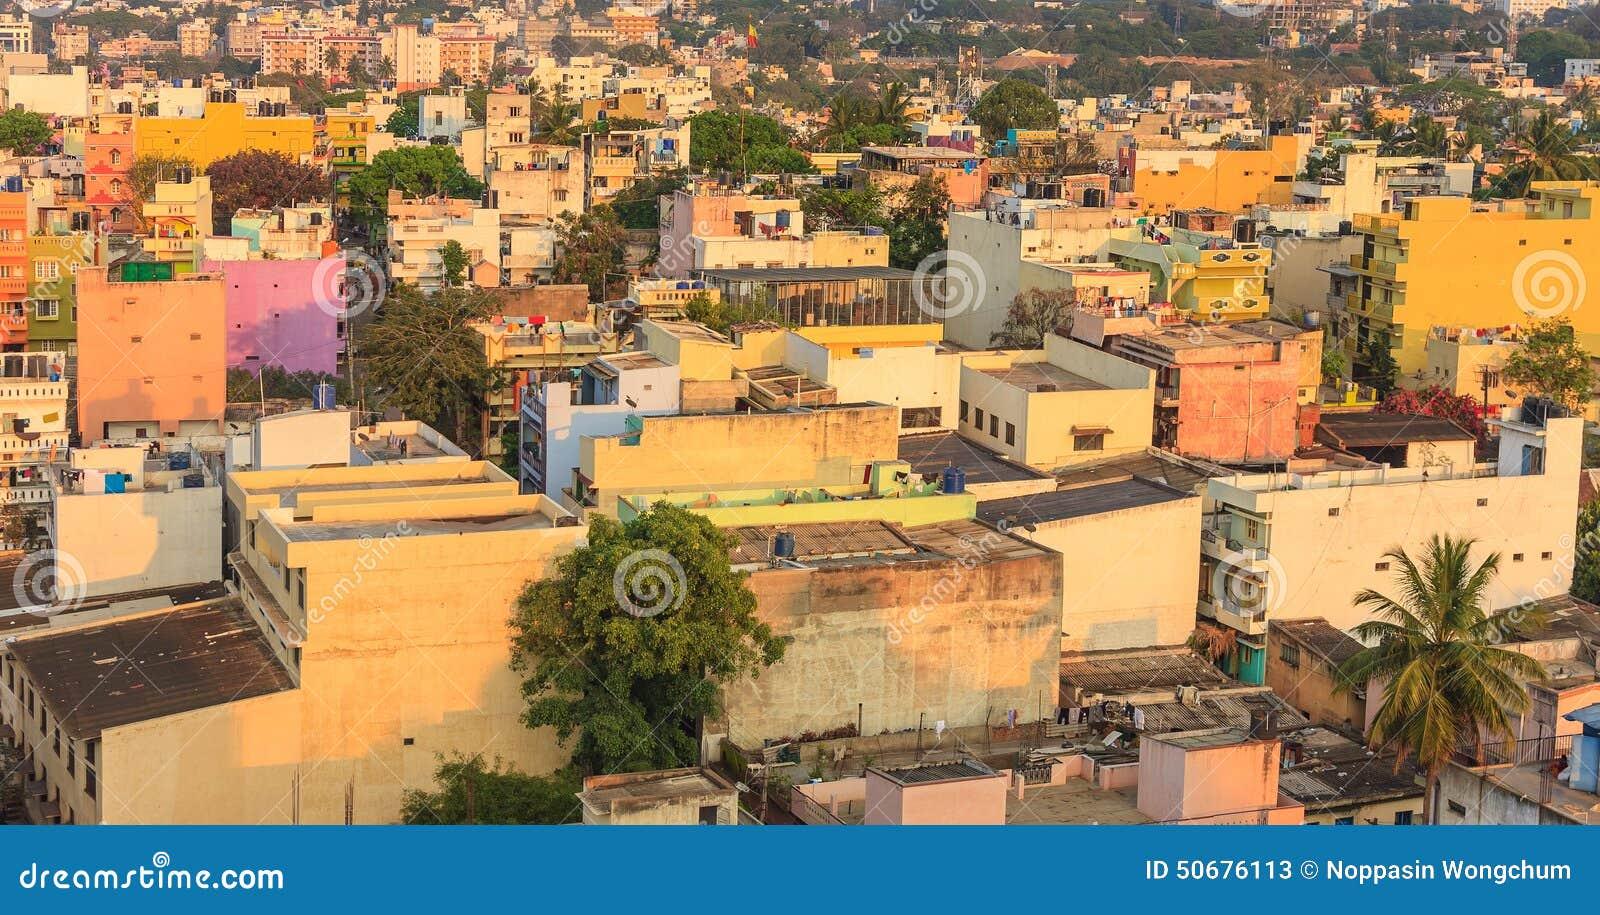 Download 班格洛市地平线,印度 库存图片. 图片 包括有 紧密地, 城市, 聚会所, 孟加拉国, 布琼布拉, 旅行 - 50676113